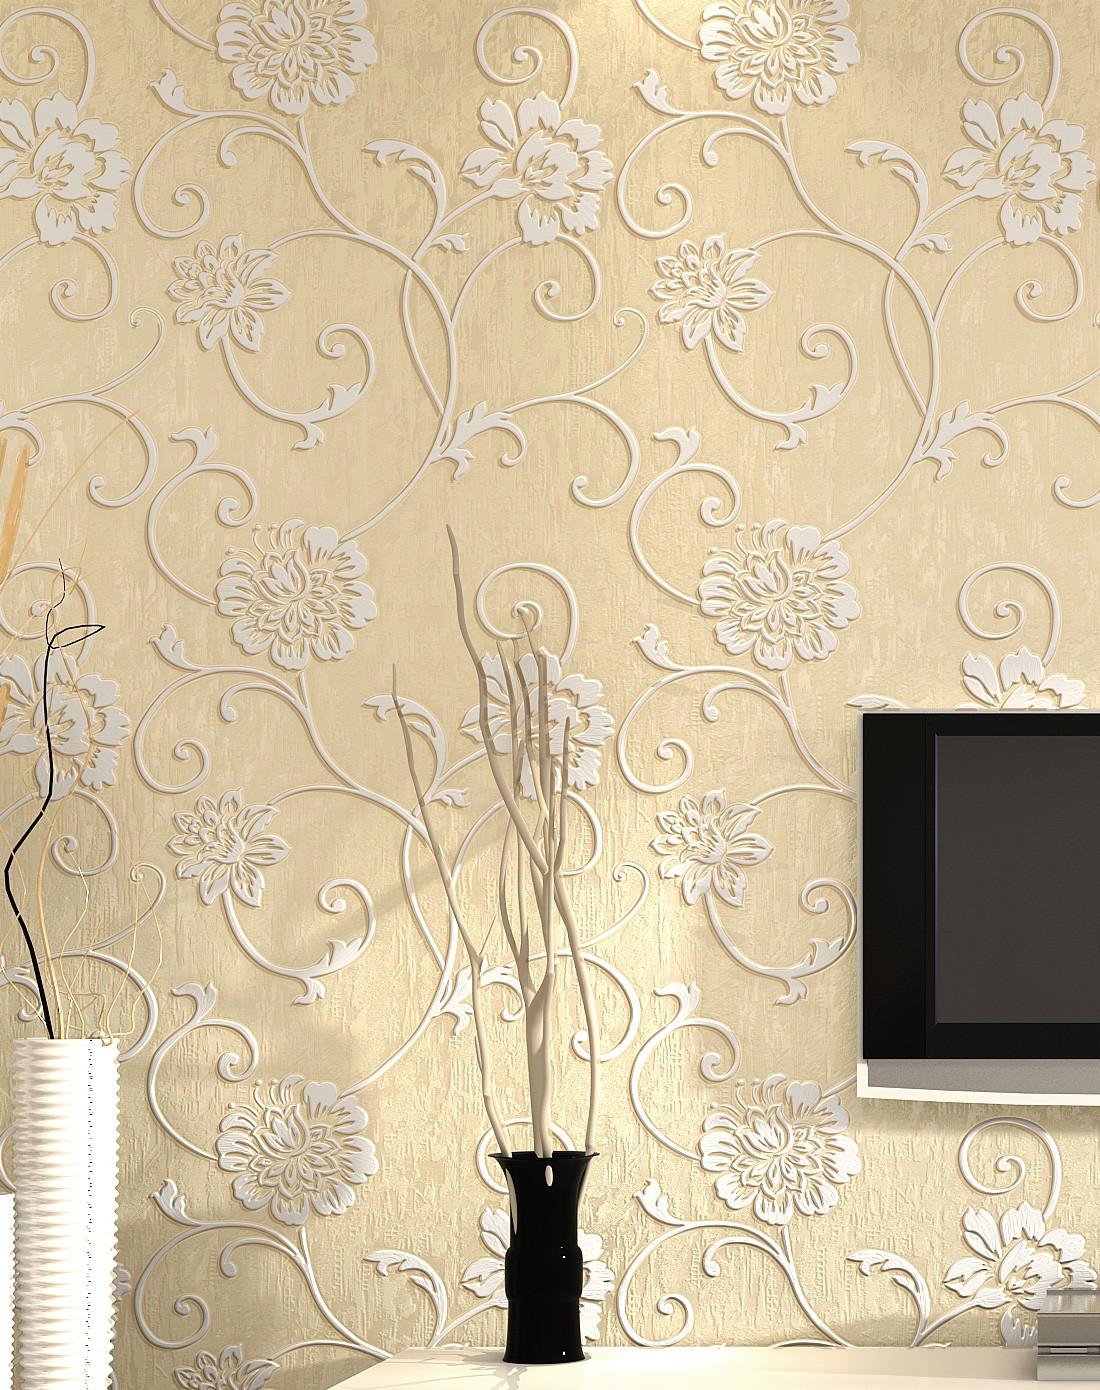 纸尚美学墙纸专场象牙色立体浮雕3d欧式简约风格壁纸